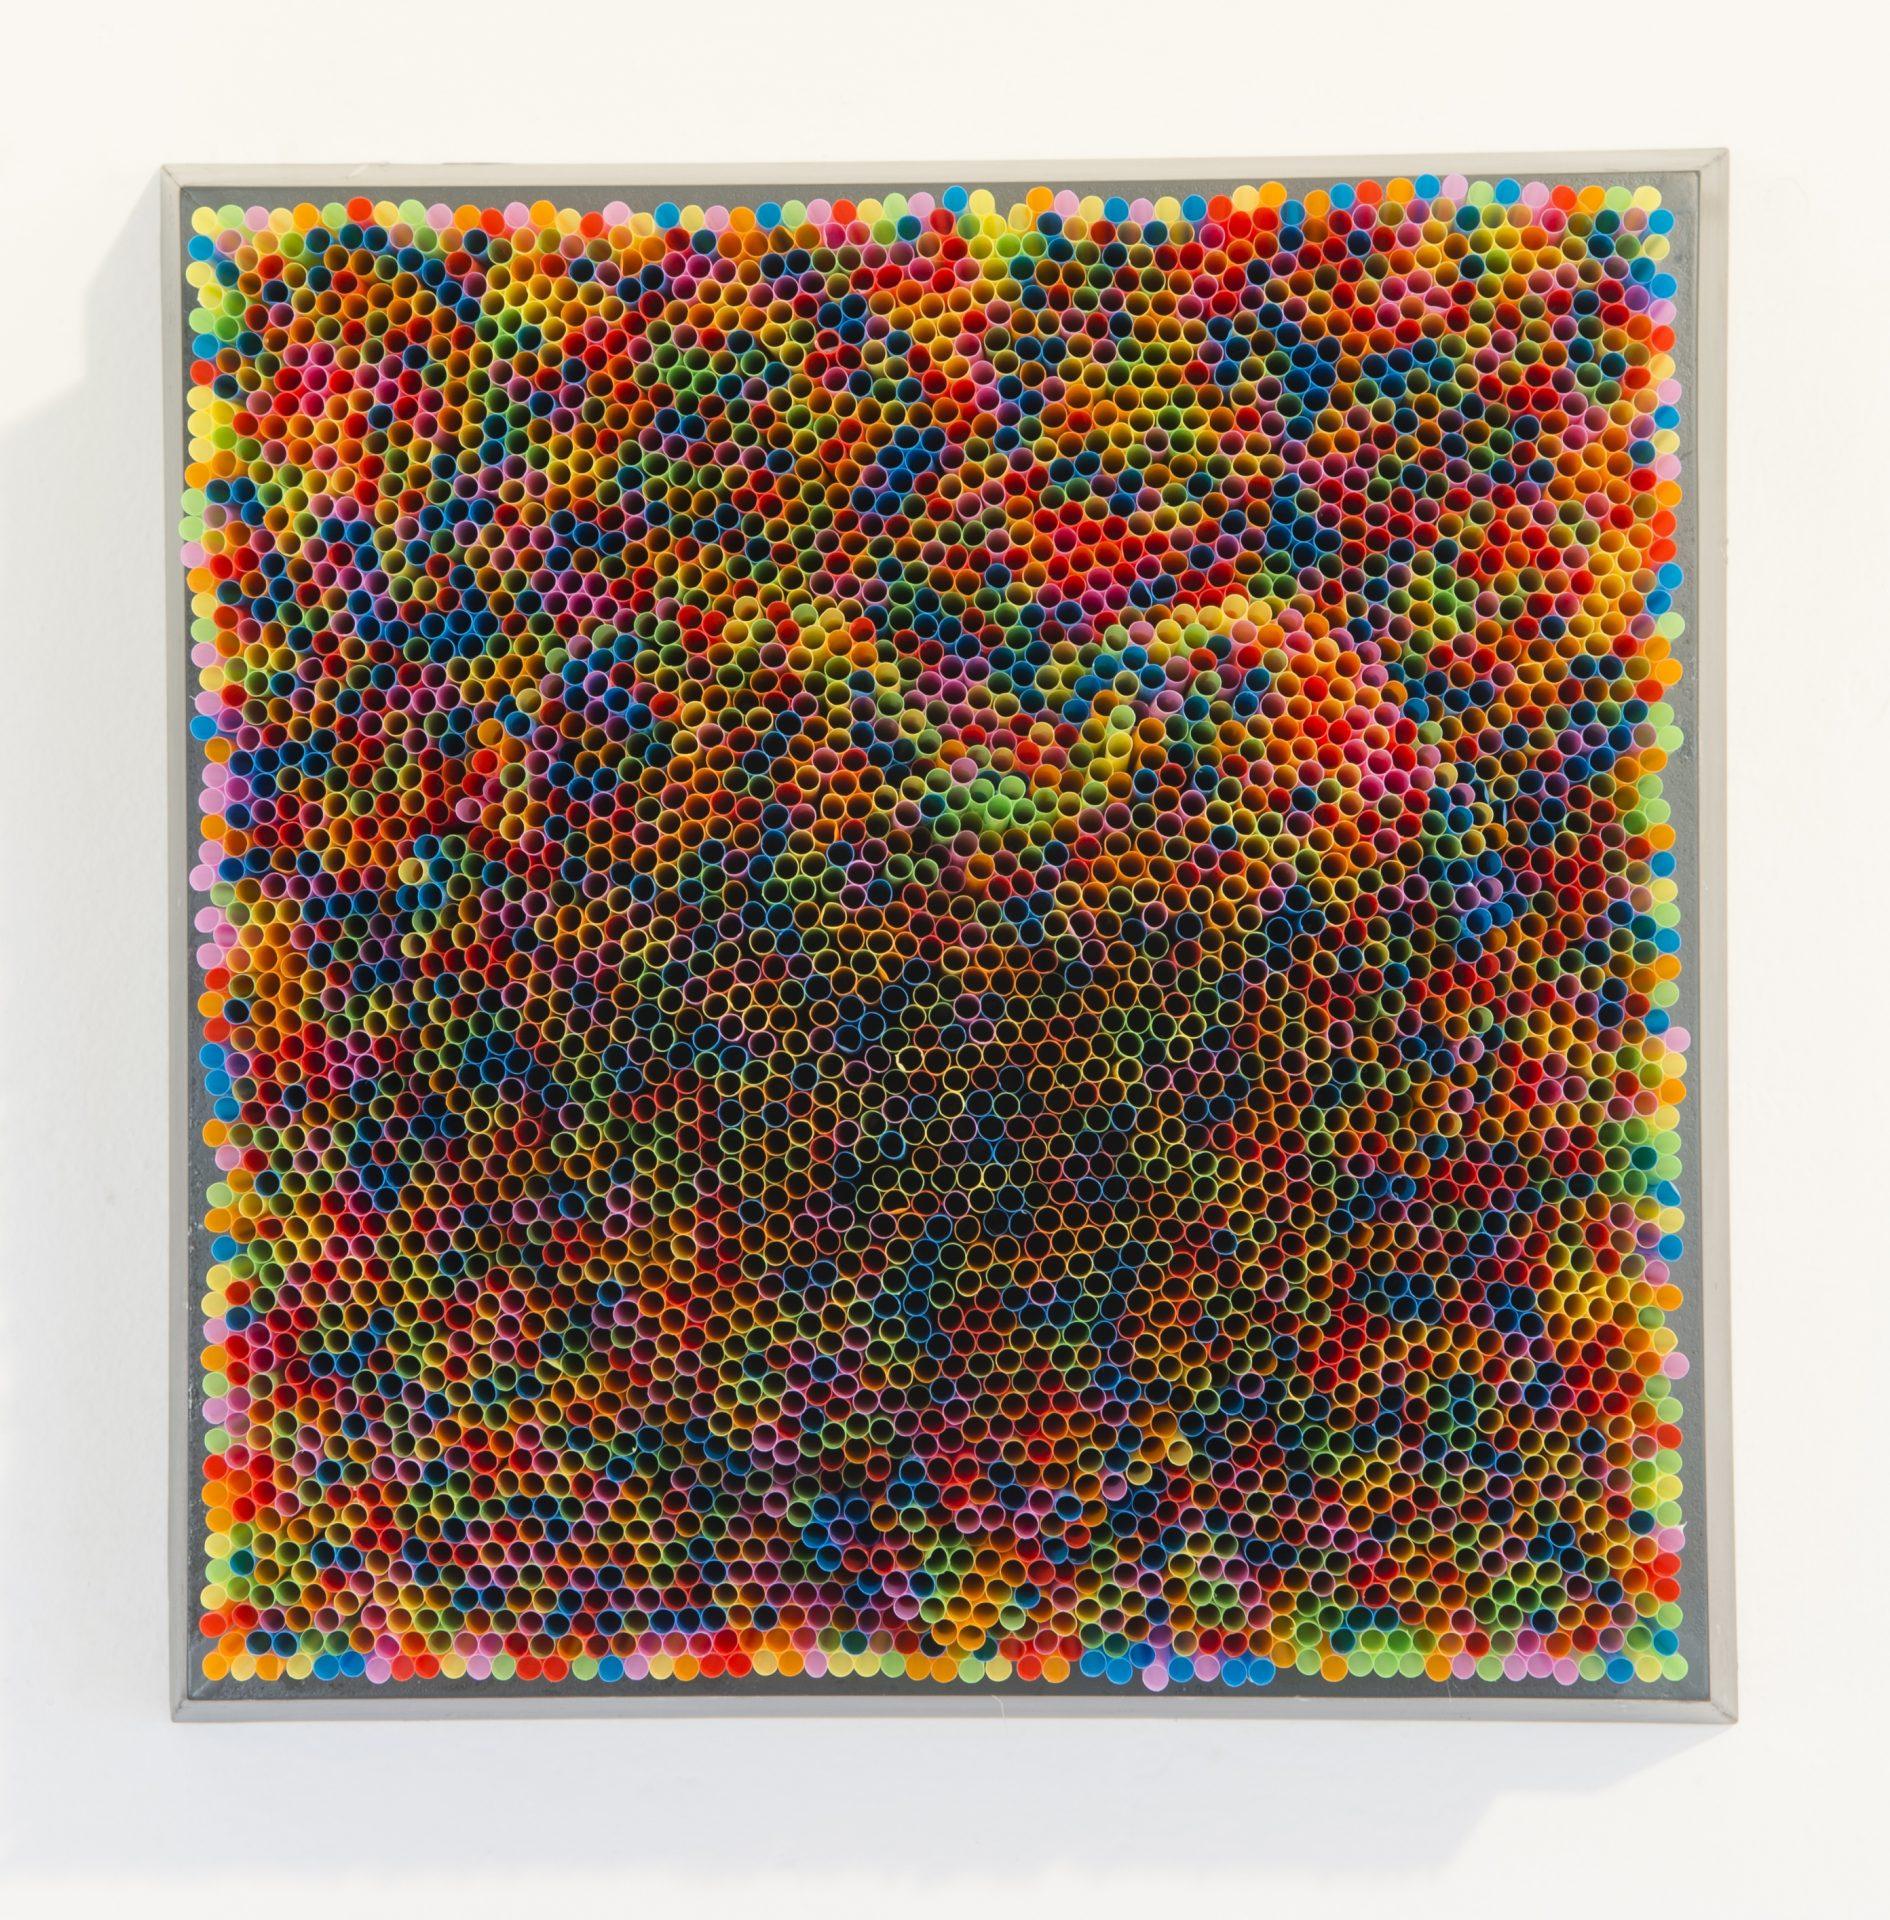 """Straws and Spiderballs<br>FPS22<br>misure: 40 x 40 cm<br>tecnica: cannucce su pannello di legno e cornice<br>anno: 2017<br><br><span style=""""color:red"""">NON DISPONIBILE</span>"""